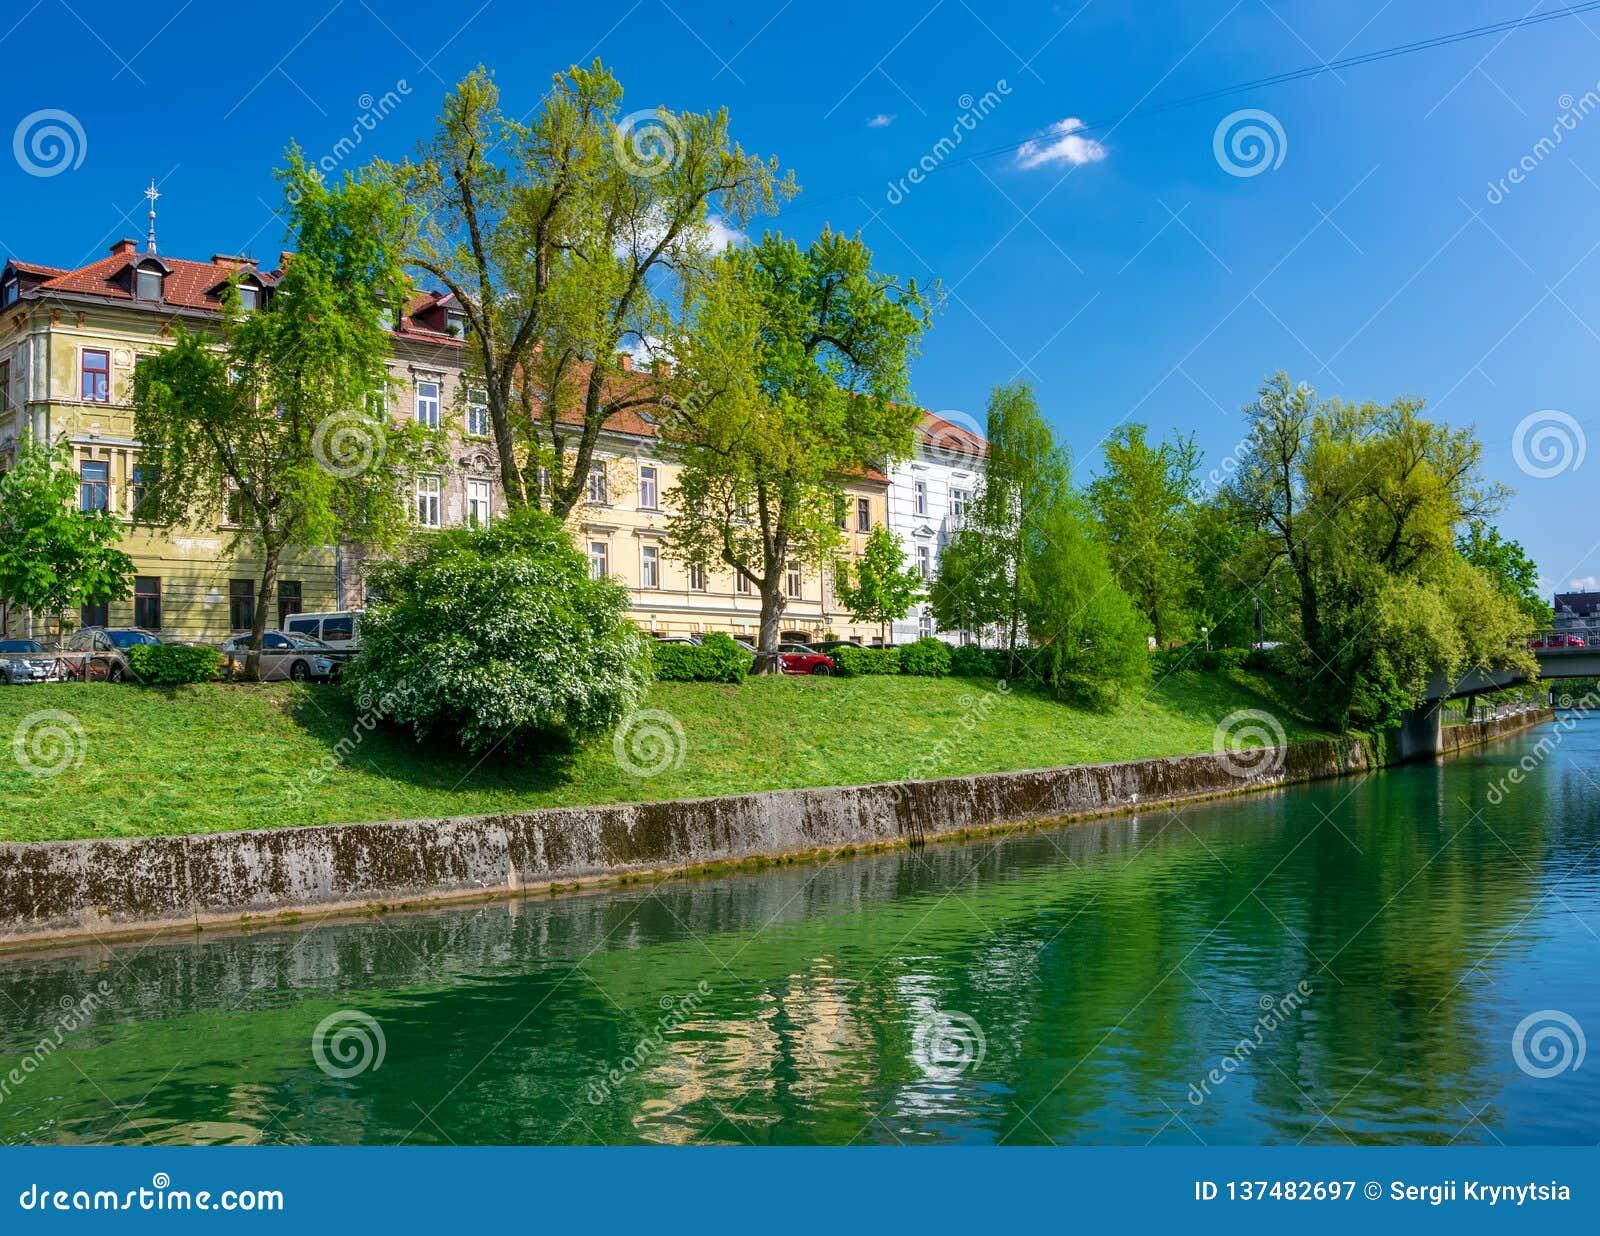 Scenic view of embankment of Ljubljanica river in Ljubljana, Slovenia